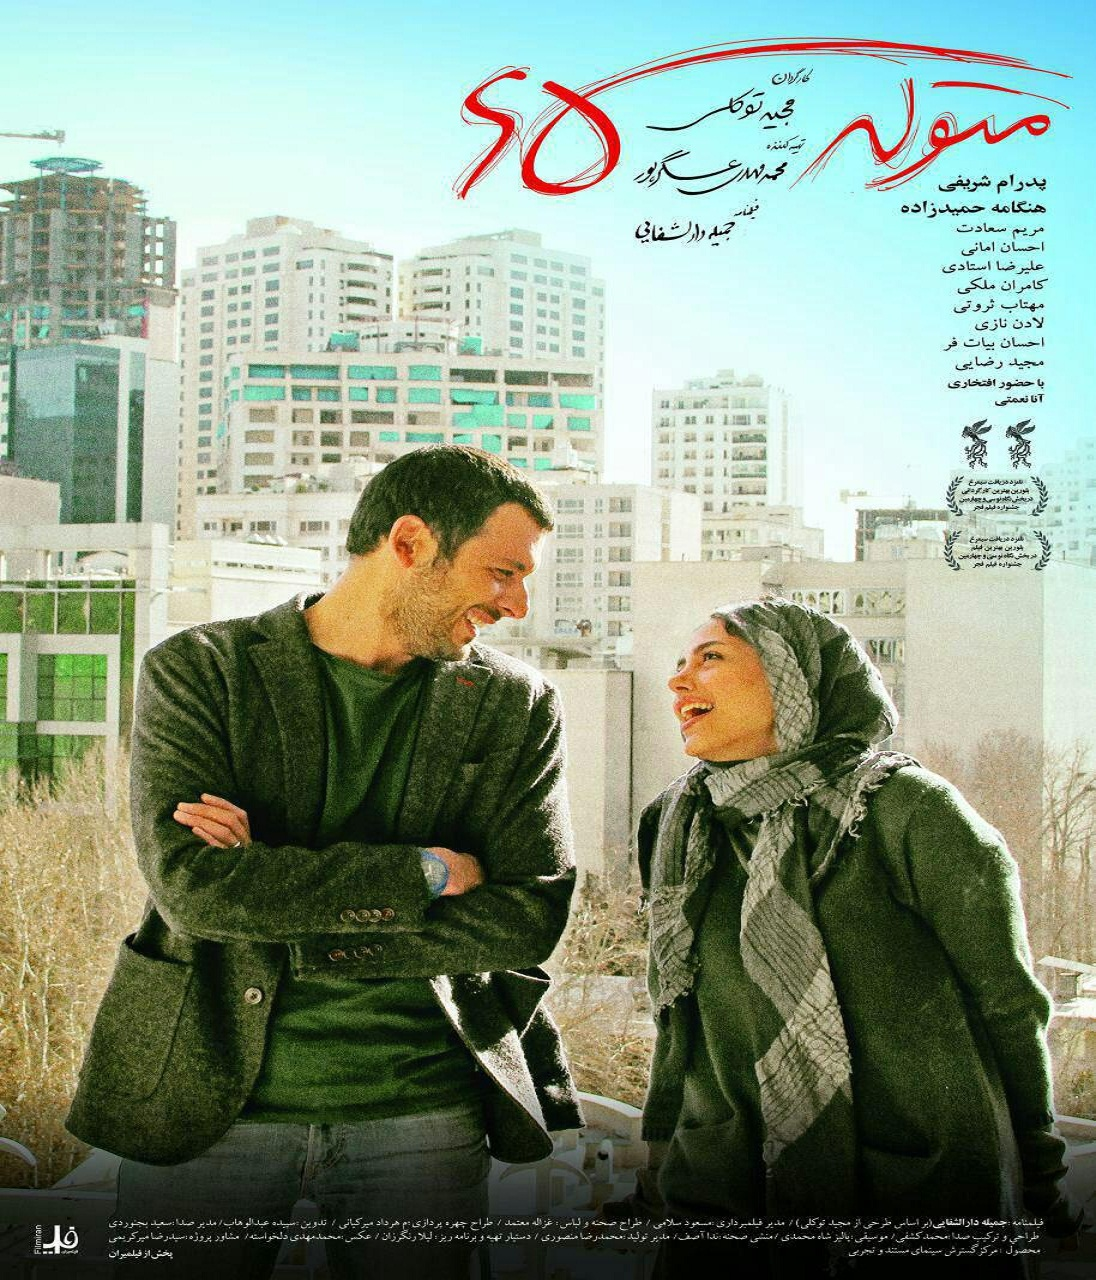 دانلود رایگان فیلم ایرانی متولد 65 با لینک مستقیم و کیفیت عالی